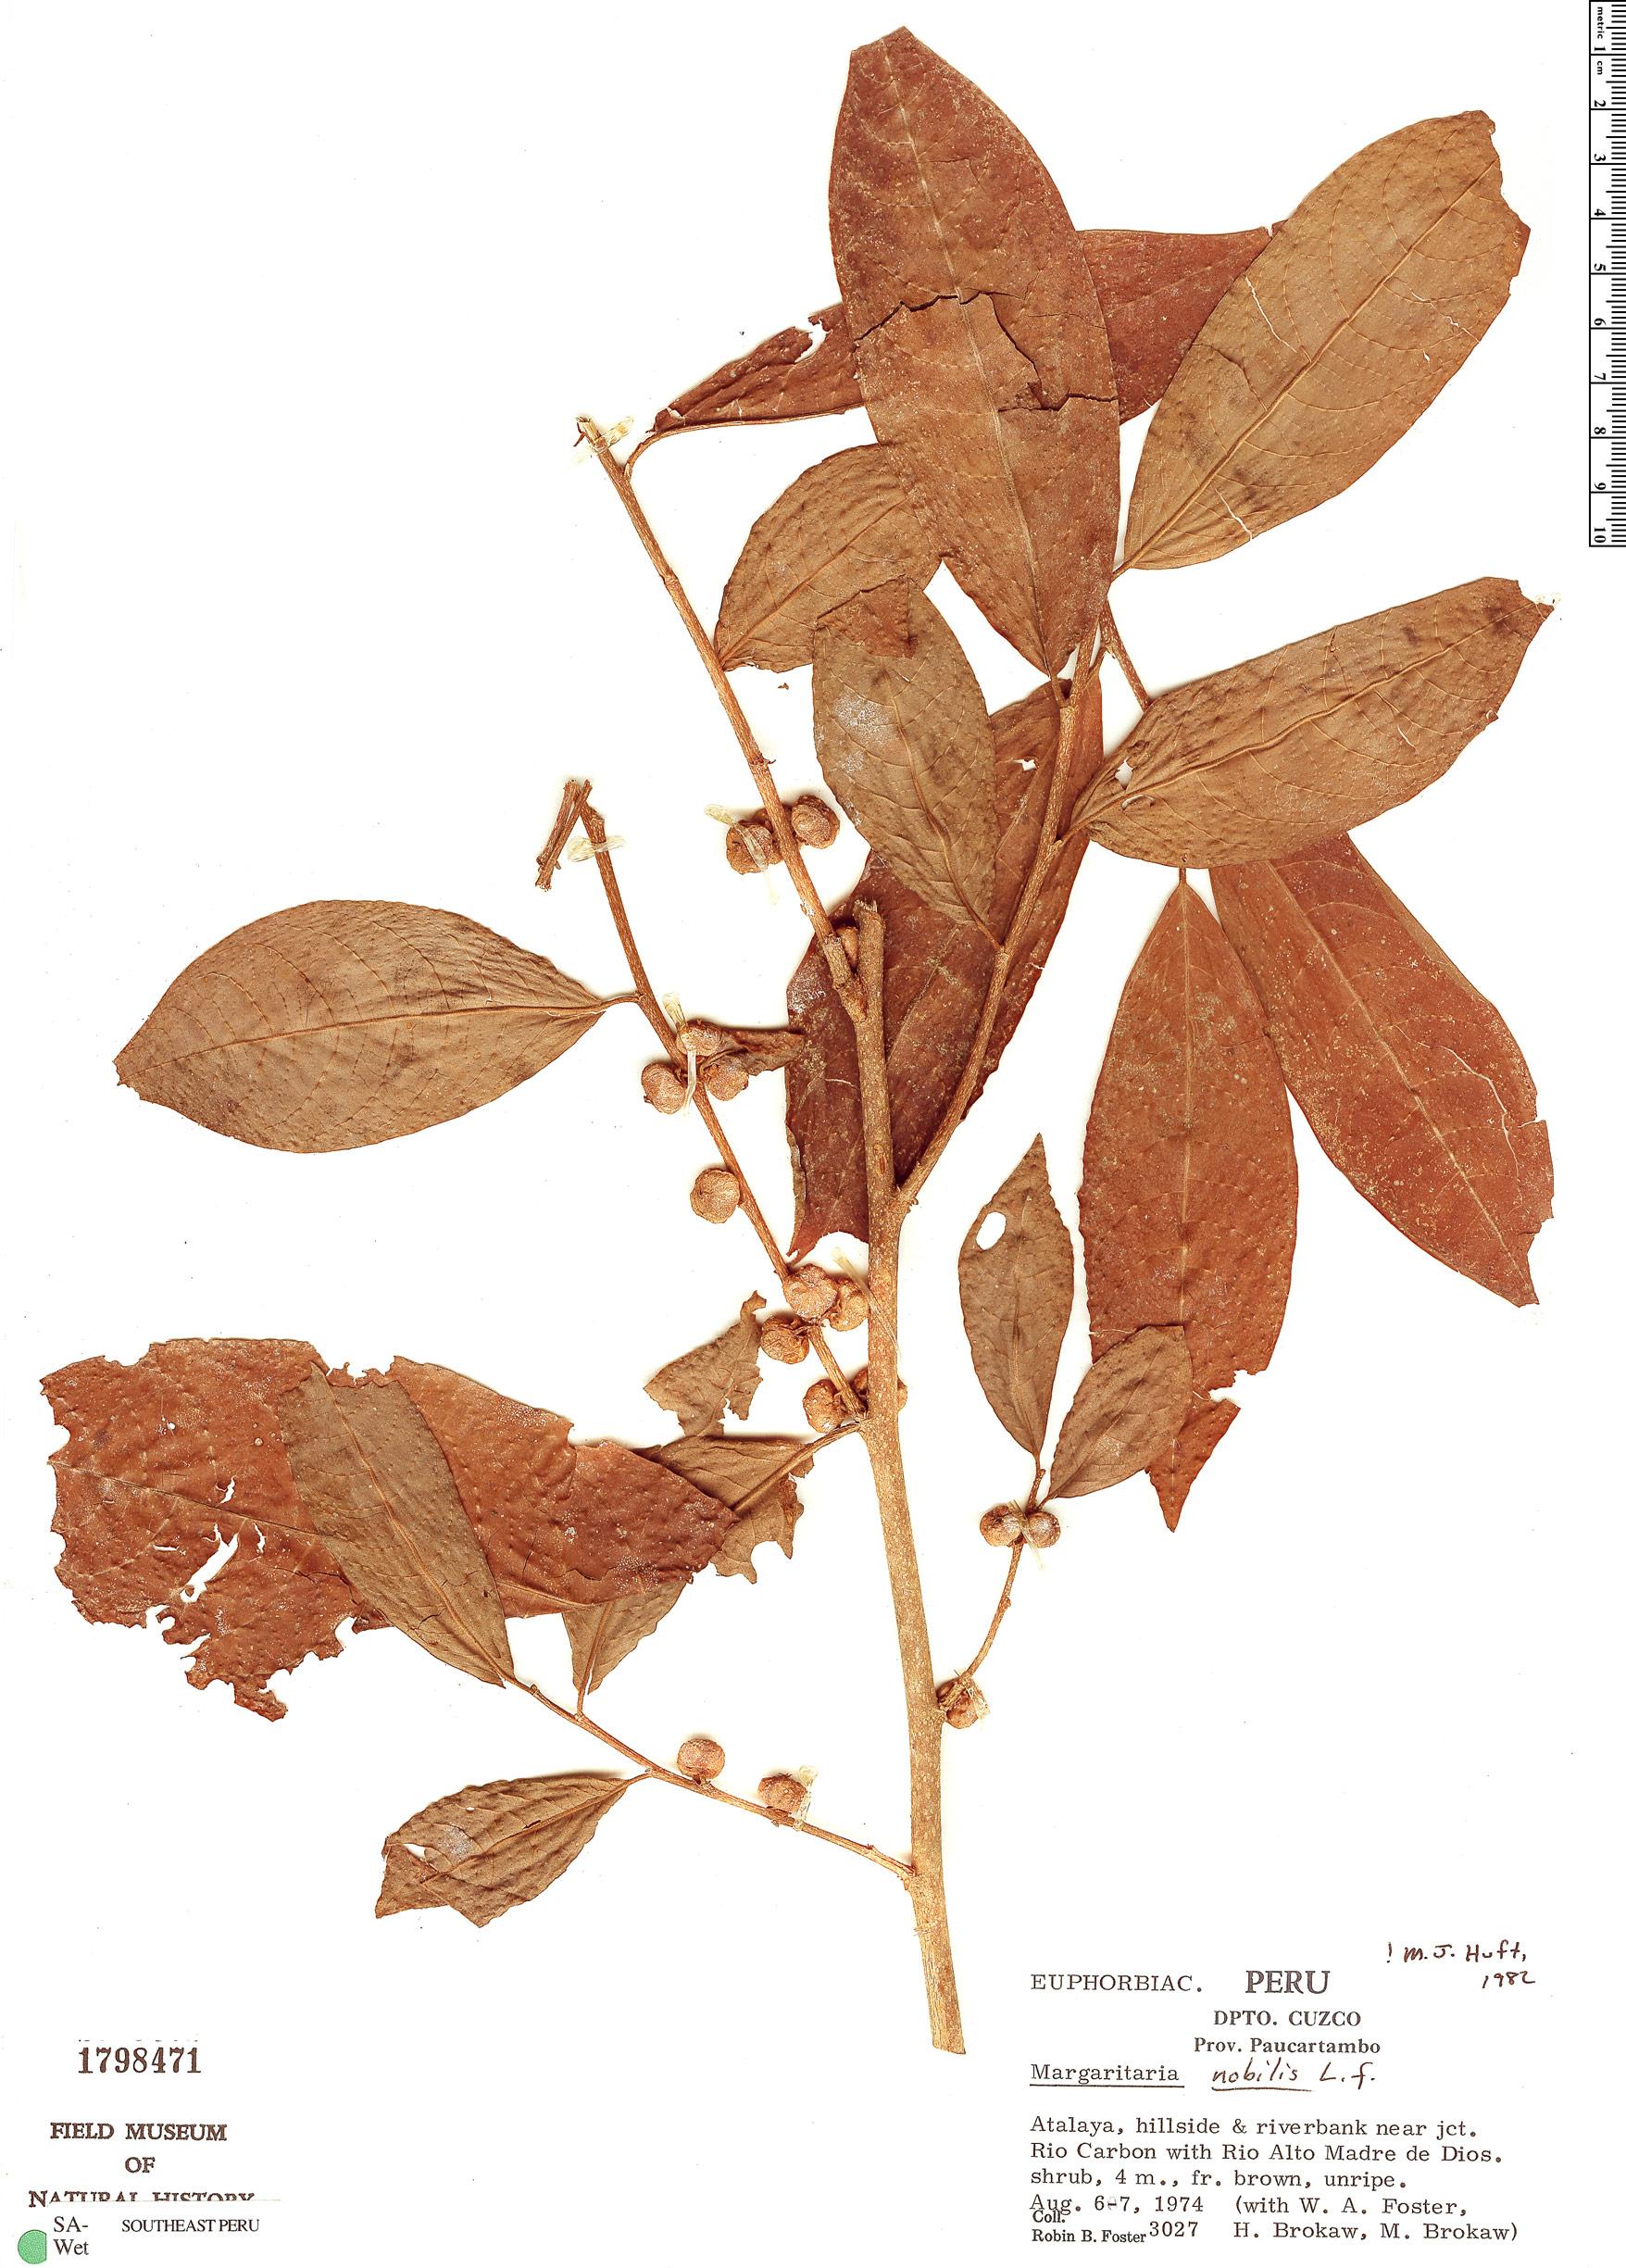 Specimen: Margaritaria nobilis